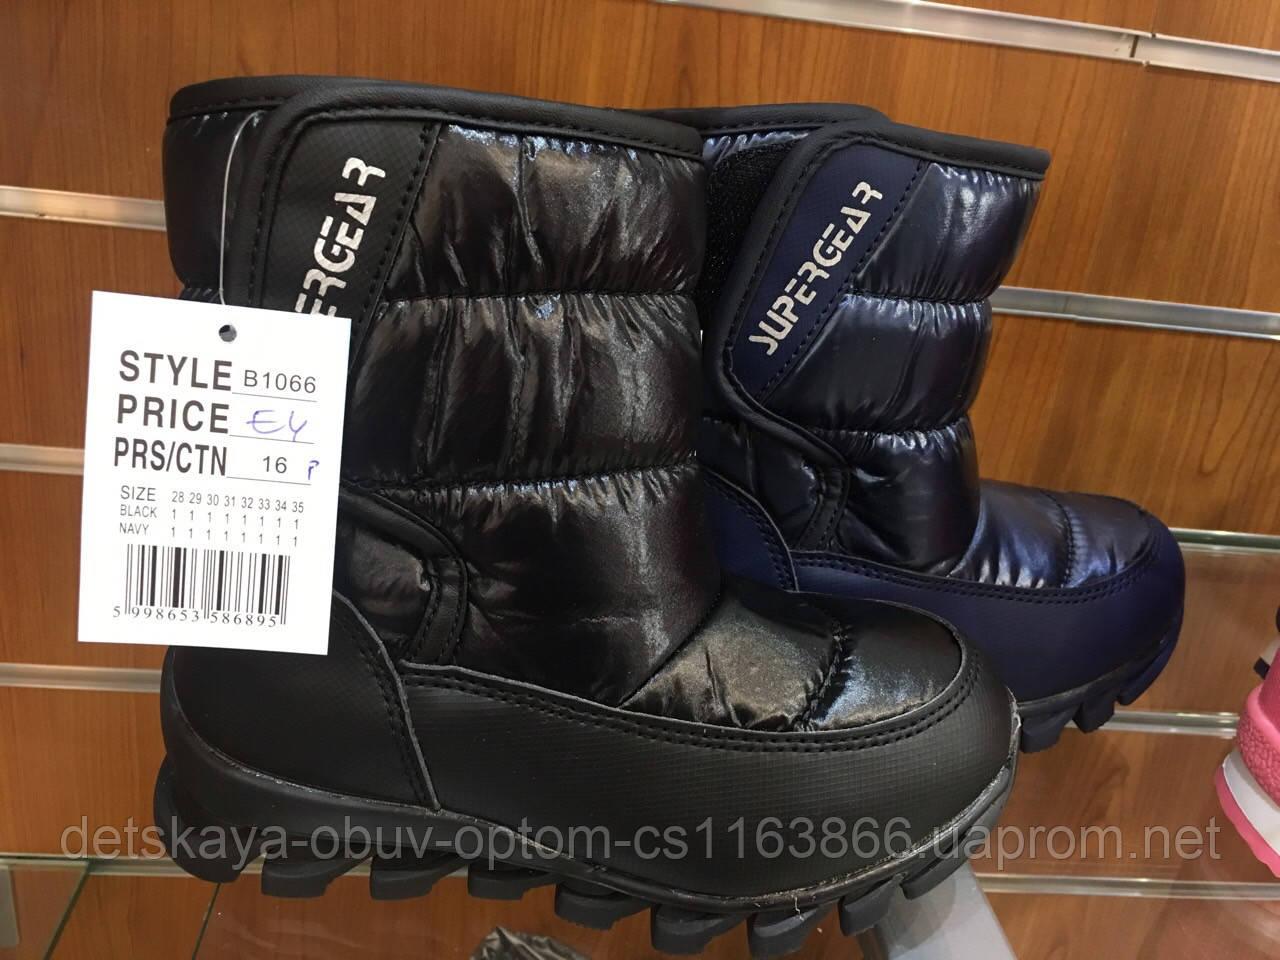 d8cfcd76b4b4 Детская дутая обувь для мальчиков Super Gaer Размеры 28-35 - интернет-магазин  ДЕТСКОЙ